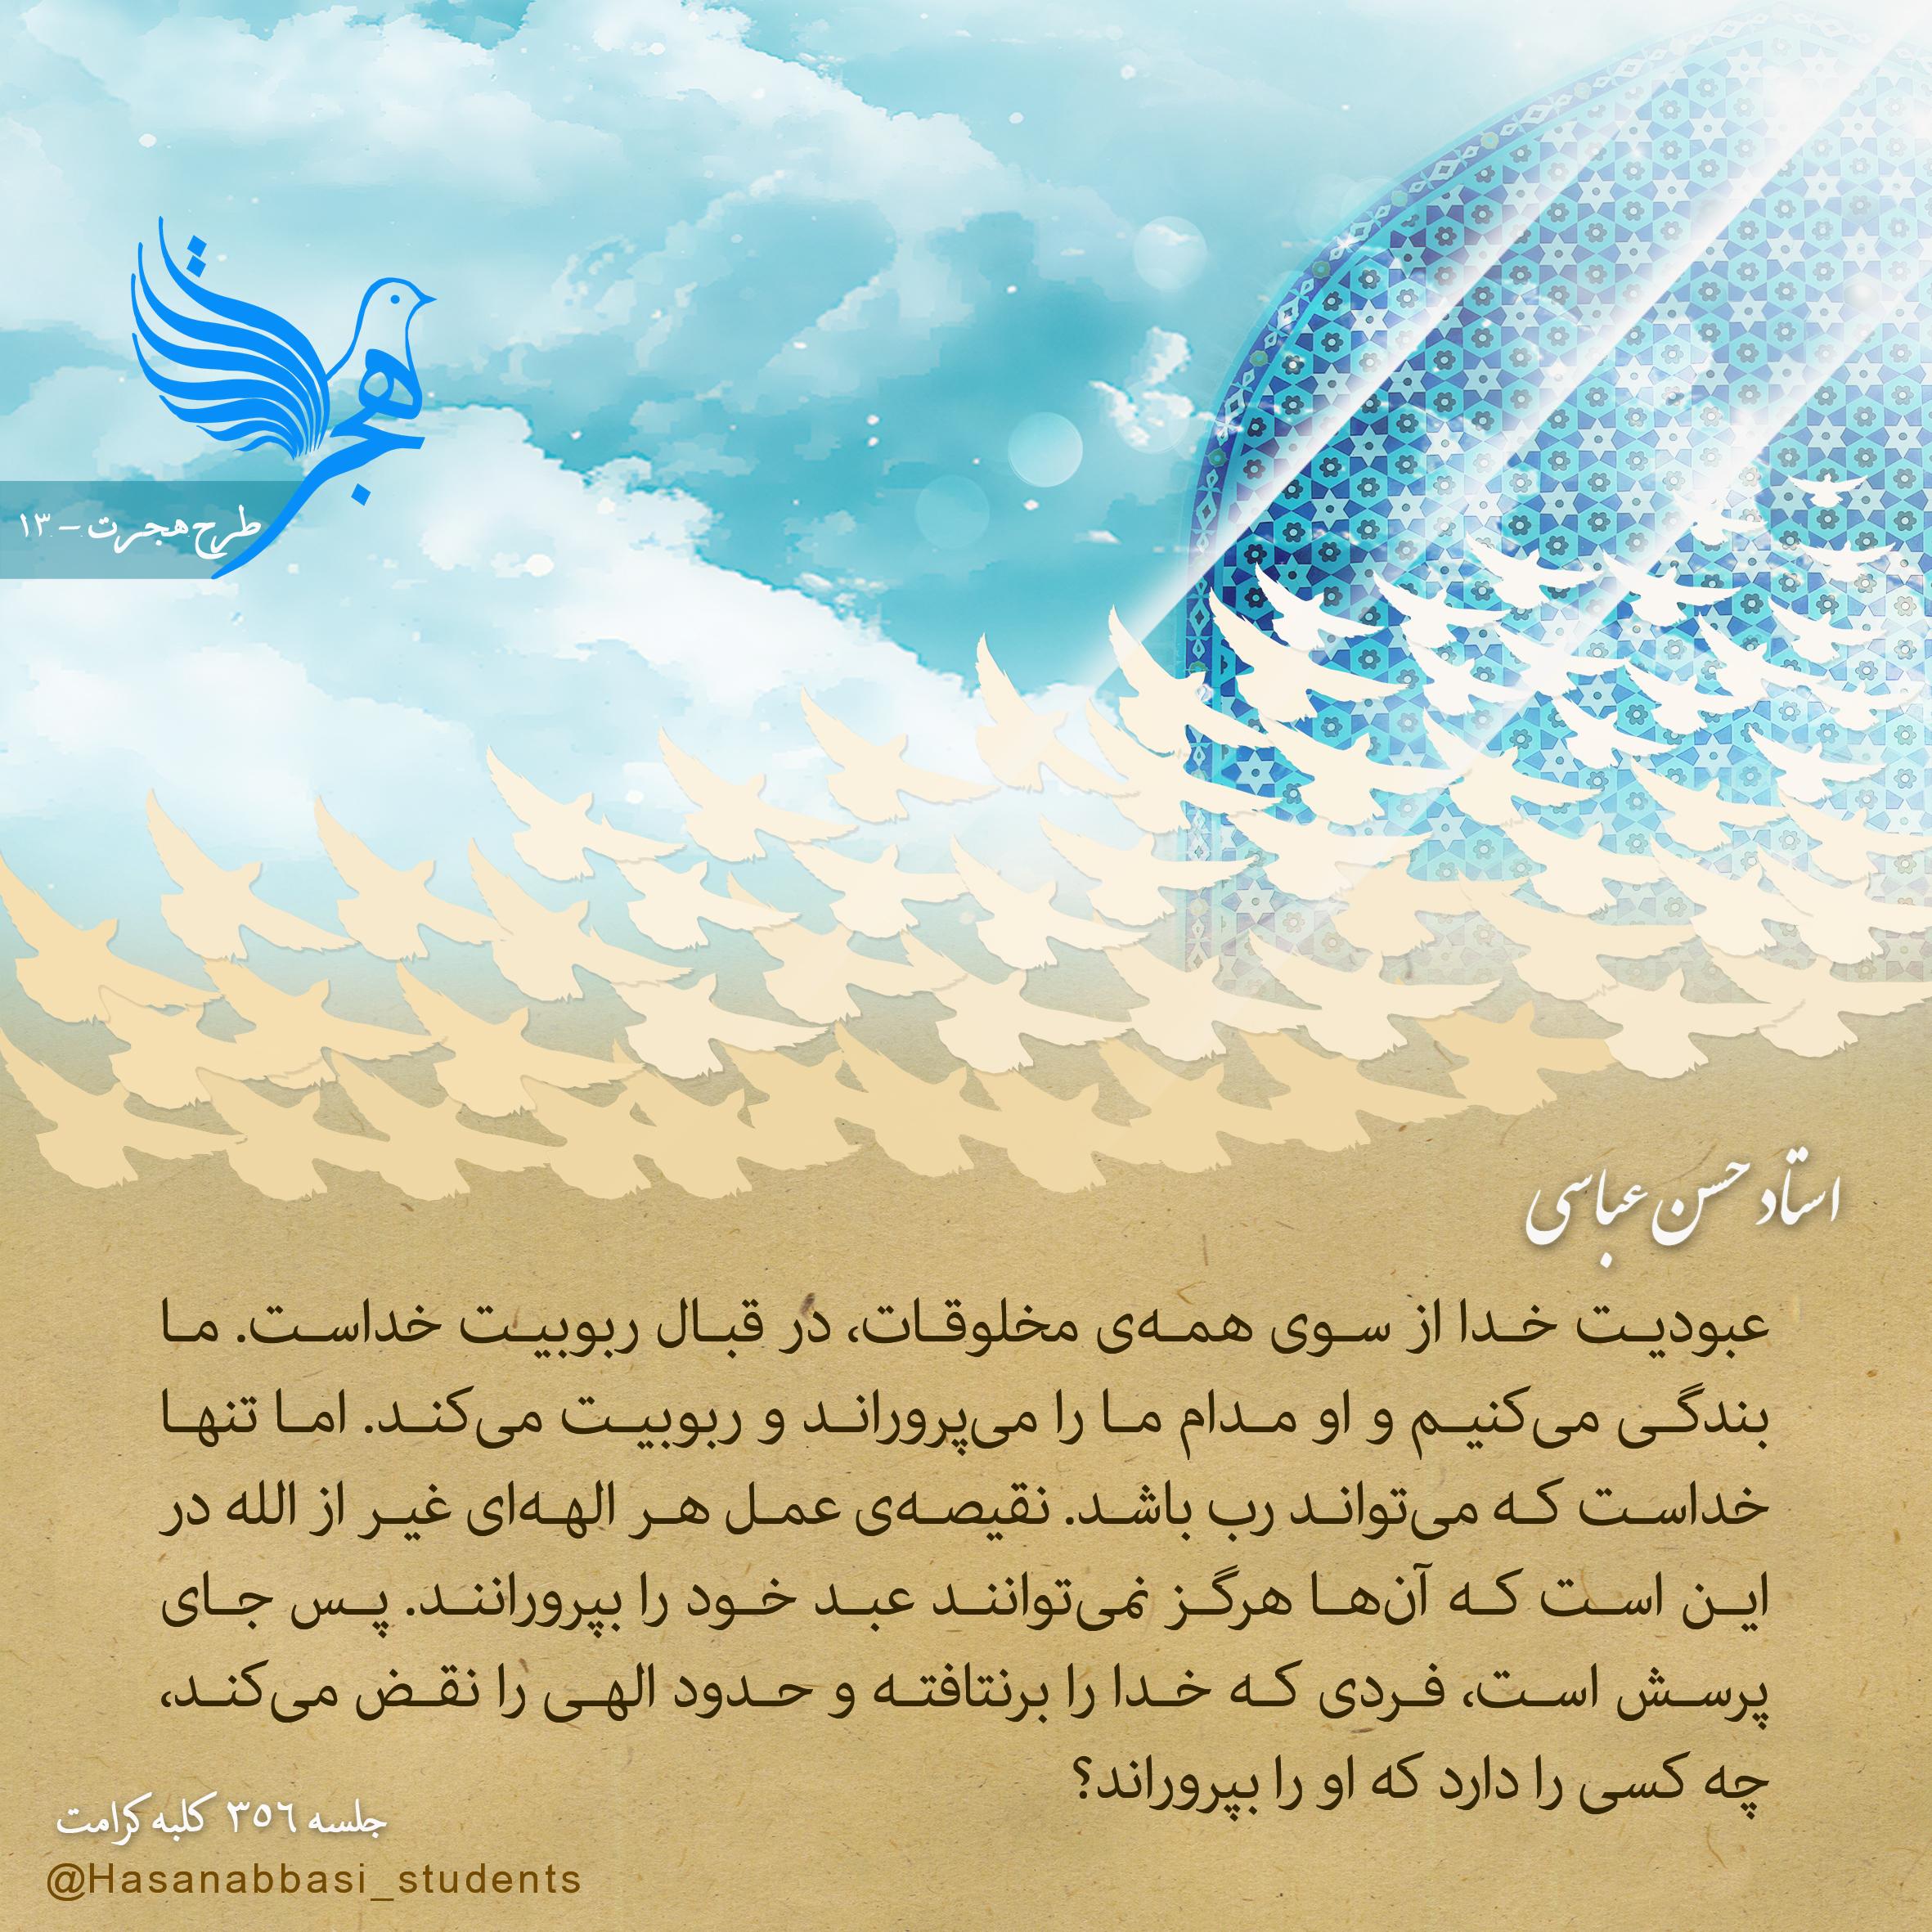 طرح هجرت 13 - «الْحَمْدُ للّهِ رَبِّ الْعَالَمِینَ»